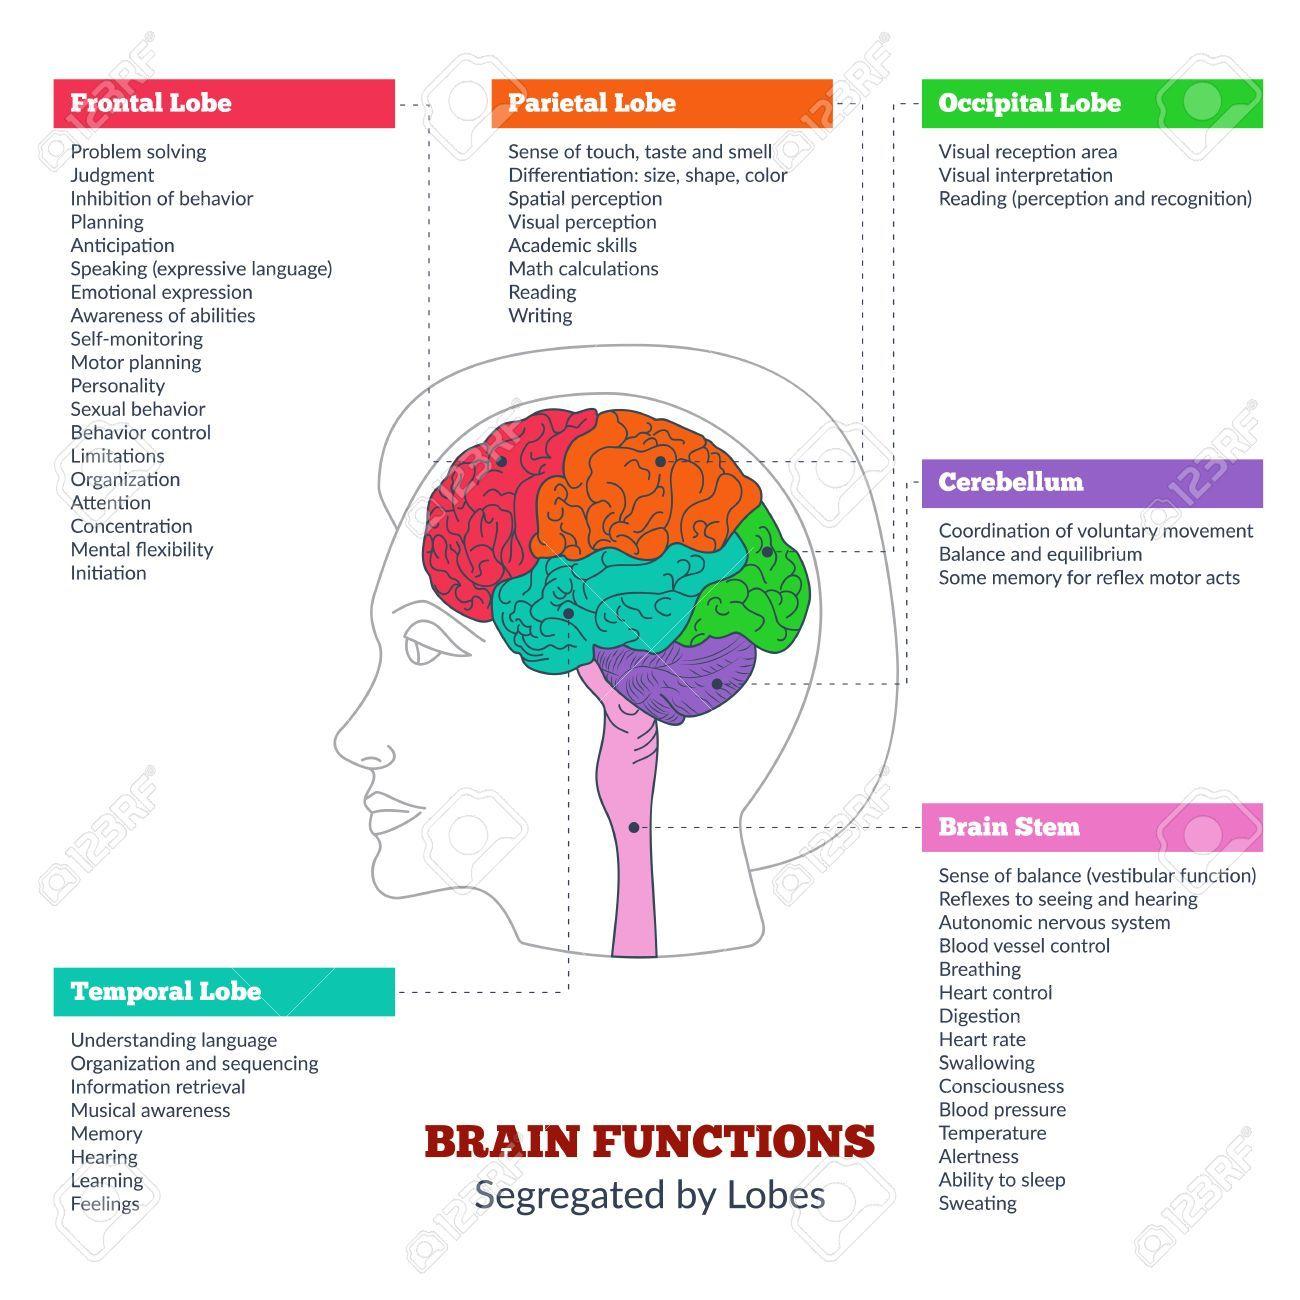 Related Image Anatomia Del Cerebro Humano Funciones Del Cerebro Humano Cerebro Humano